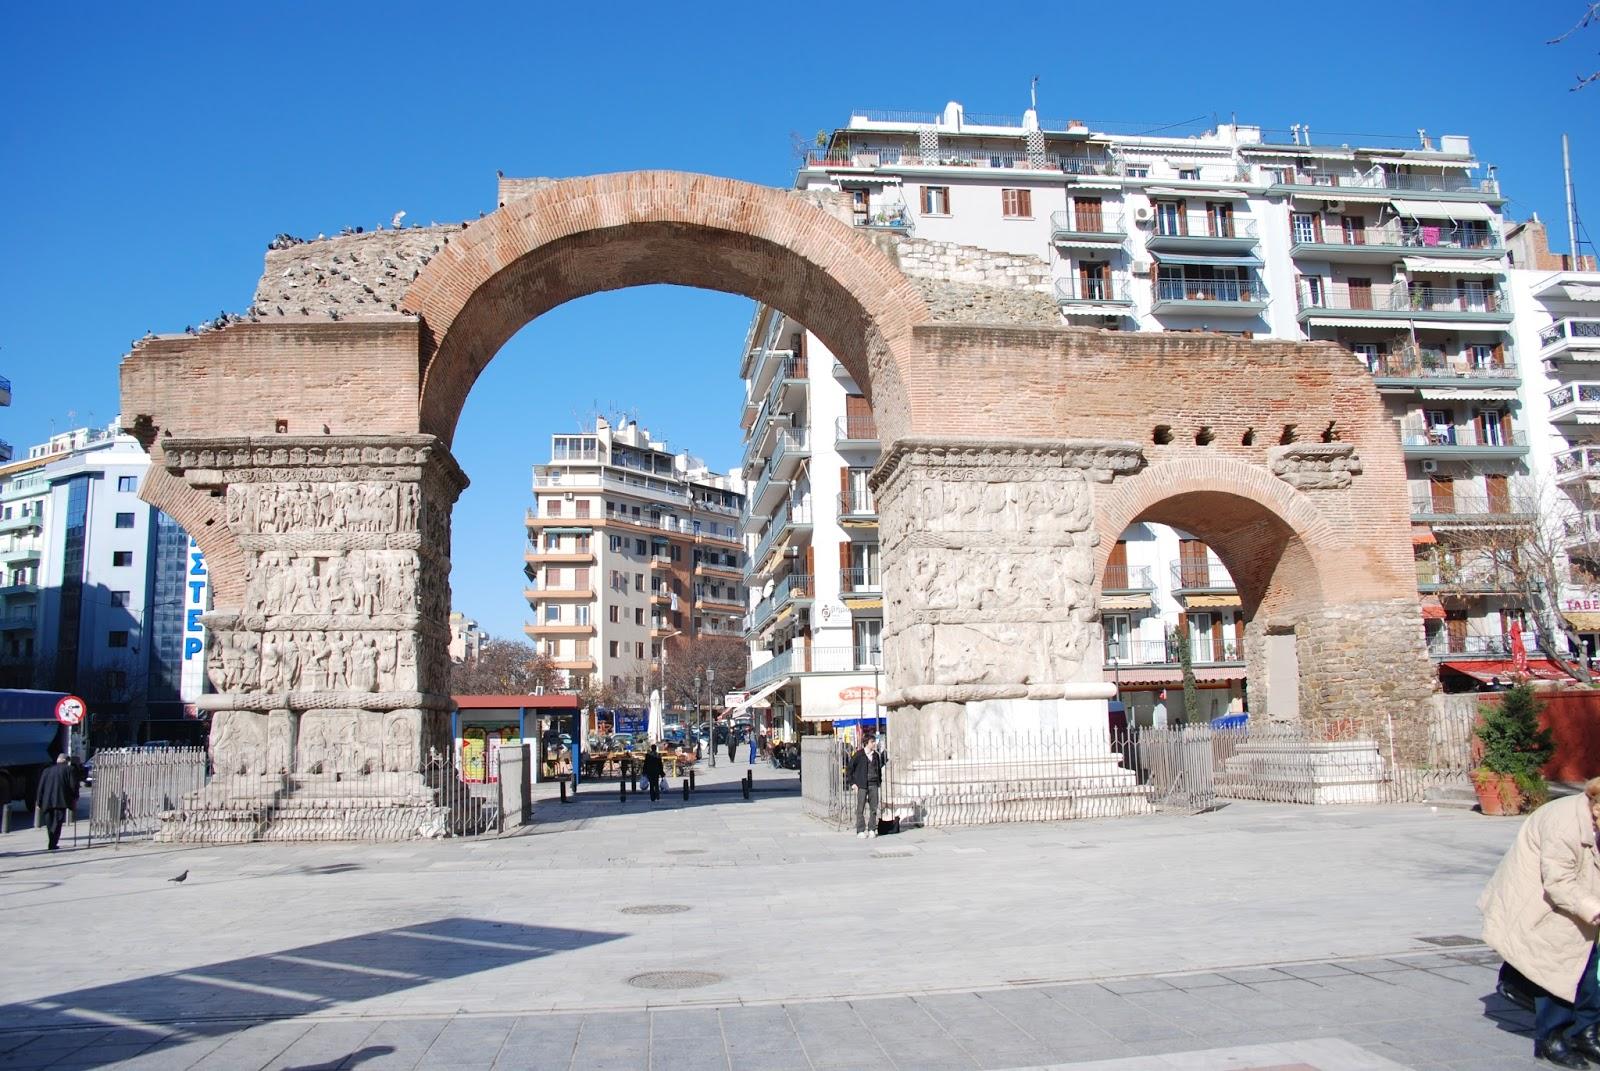 Arch_of_Galerius